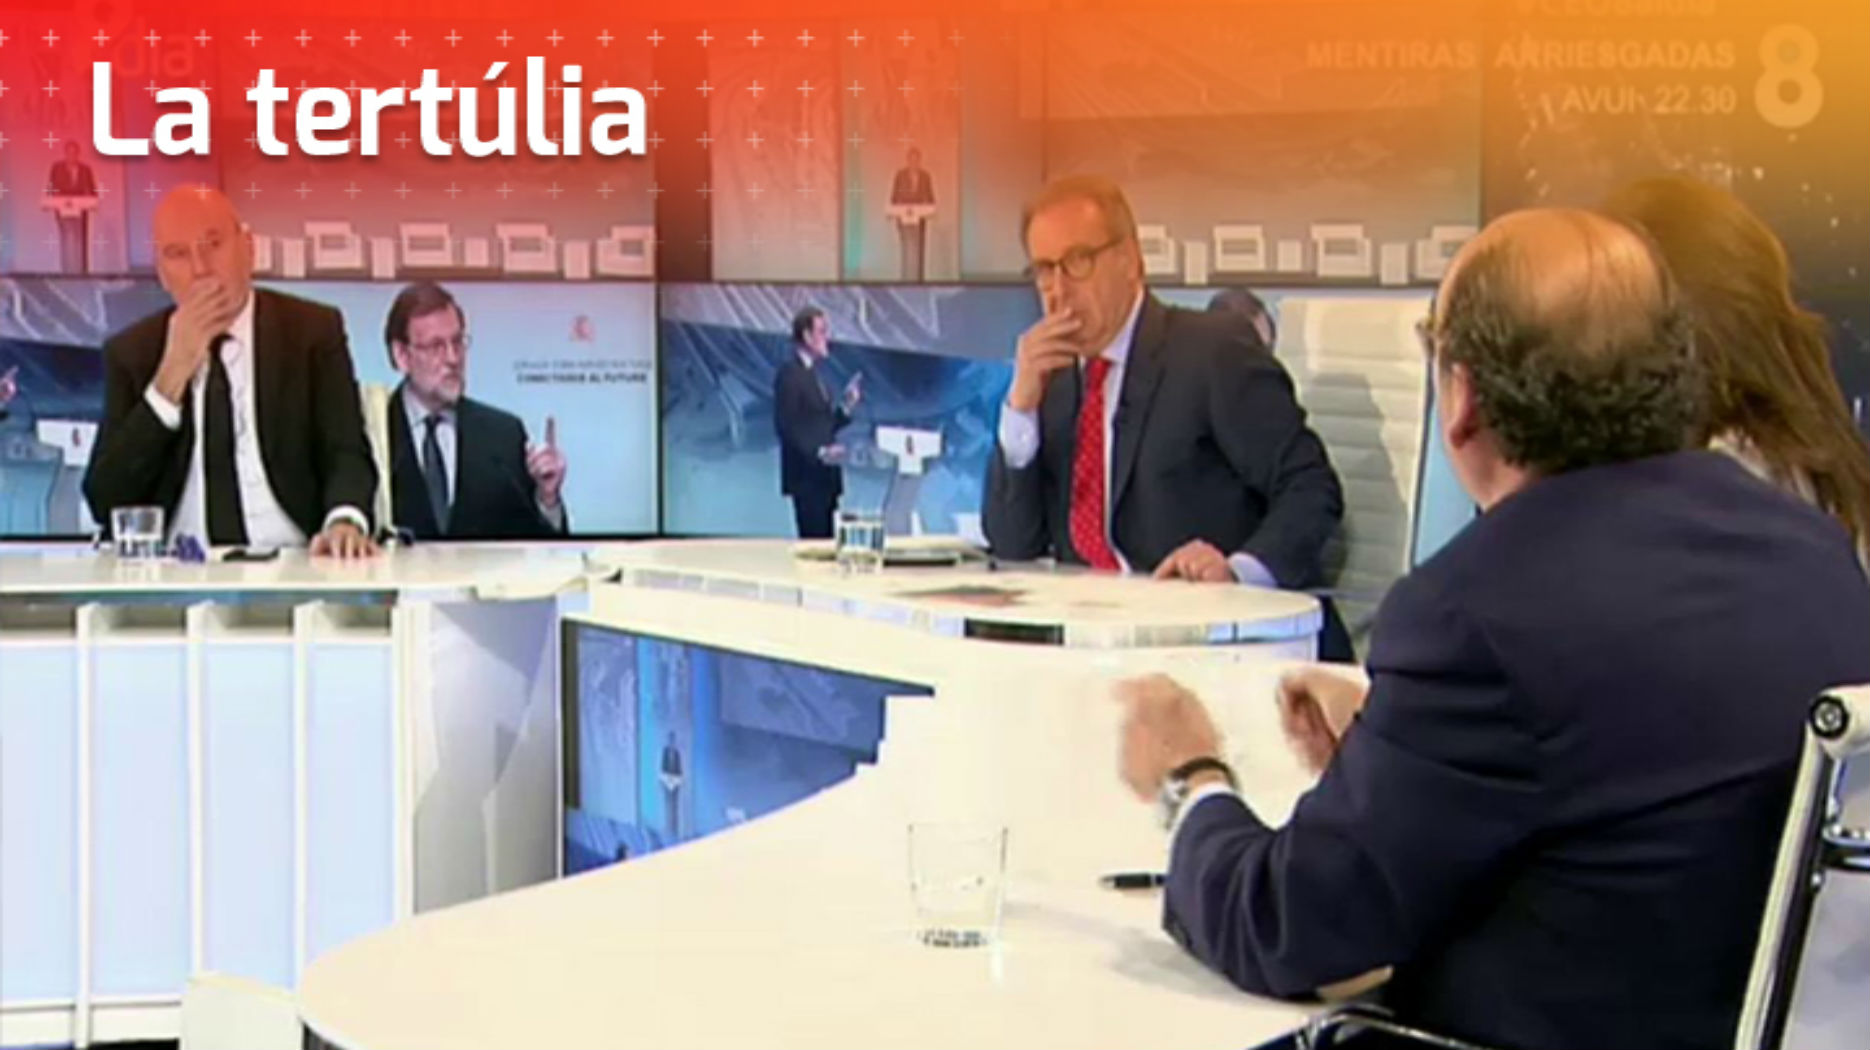 La tertúlia, sobre els resultats del CEO - 8 al dia amb Josep Cuní - 8TV